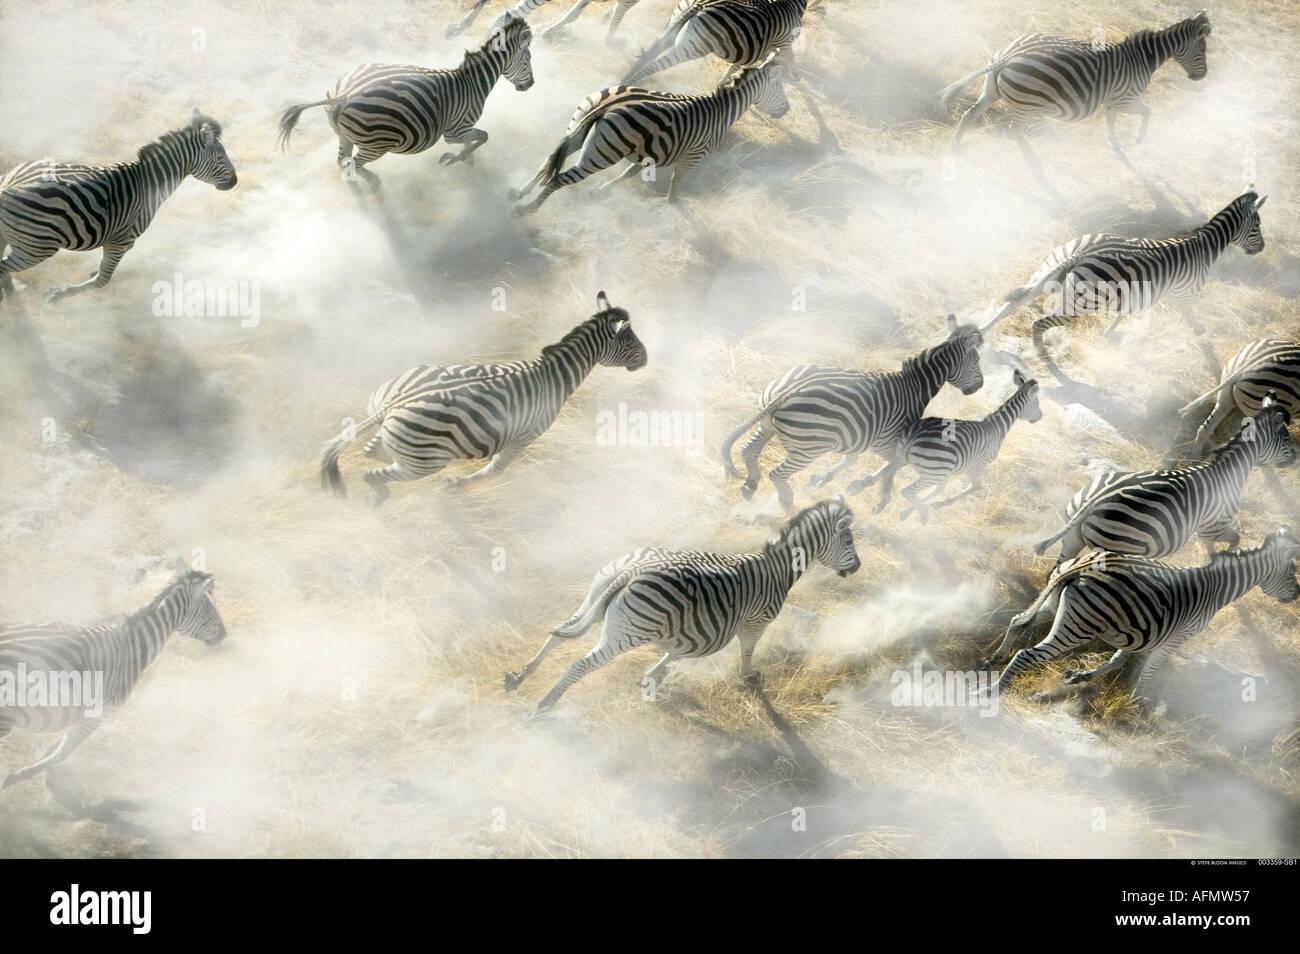 Luftaufnahme von Zebra Herde laufen Okavango Delta, Botswana Stockbild